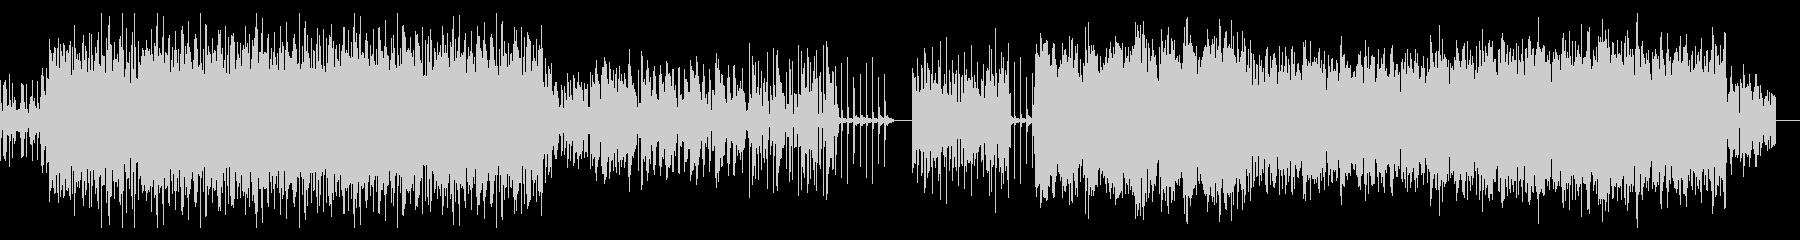 メロウでスタイリッシュなアーバンサウンドの未再生の波形